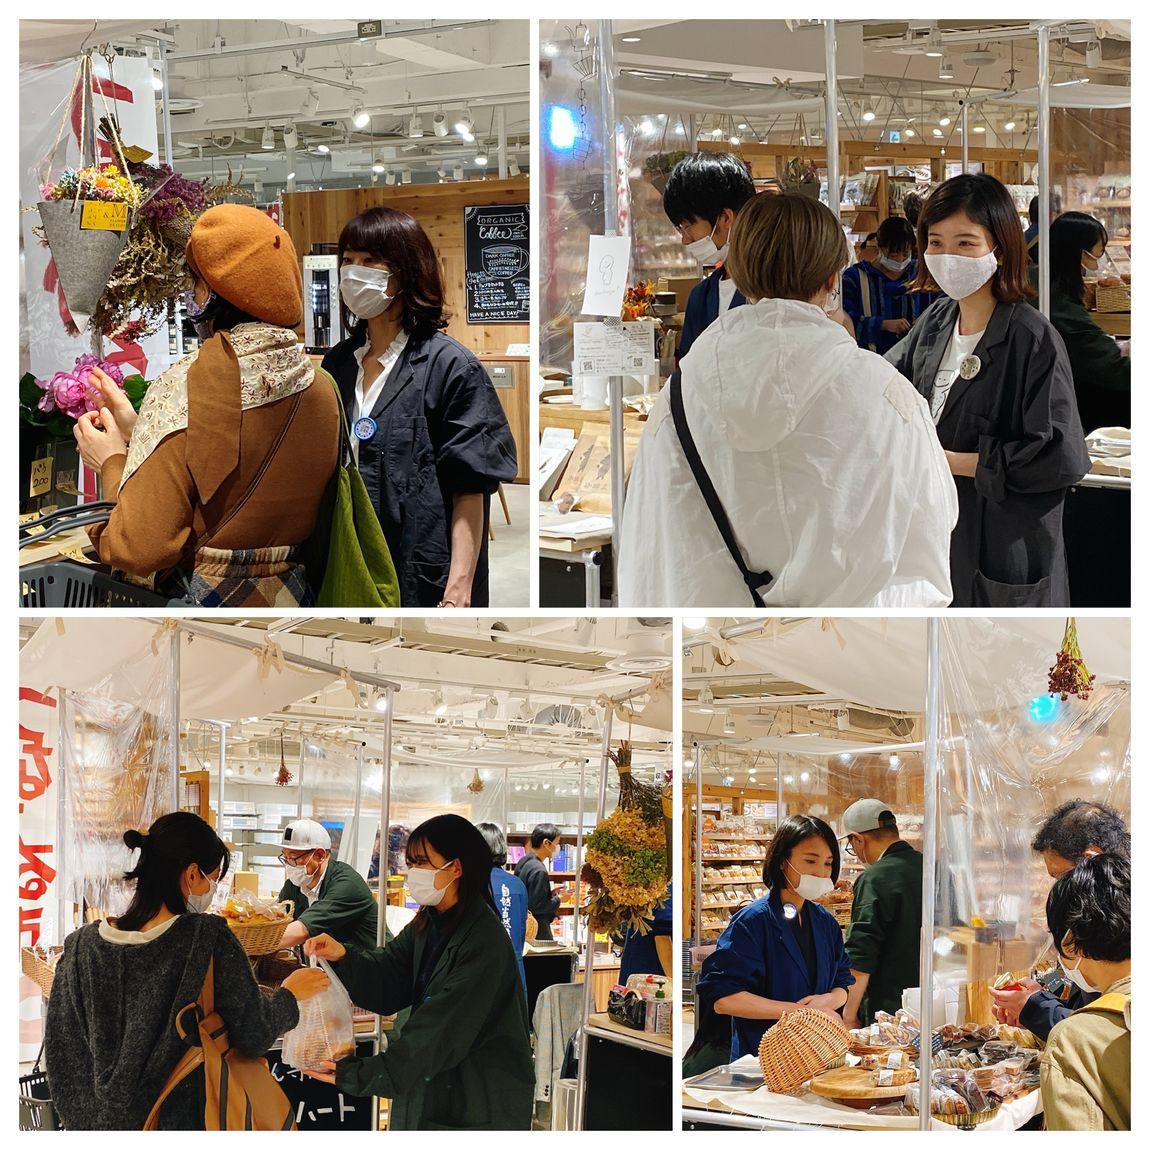 第4回札幌パルコつながる市開催